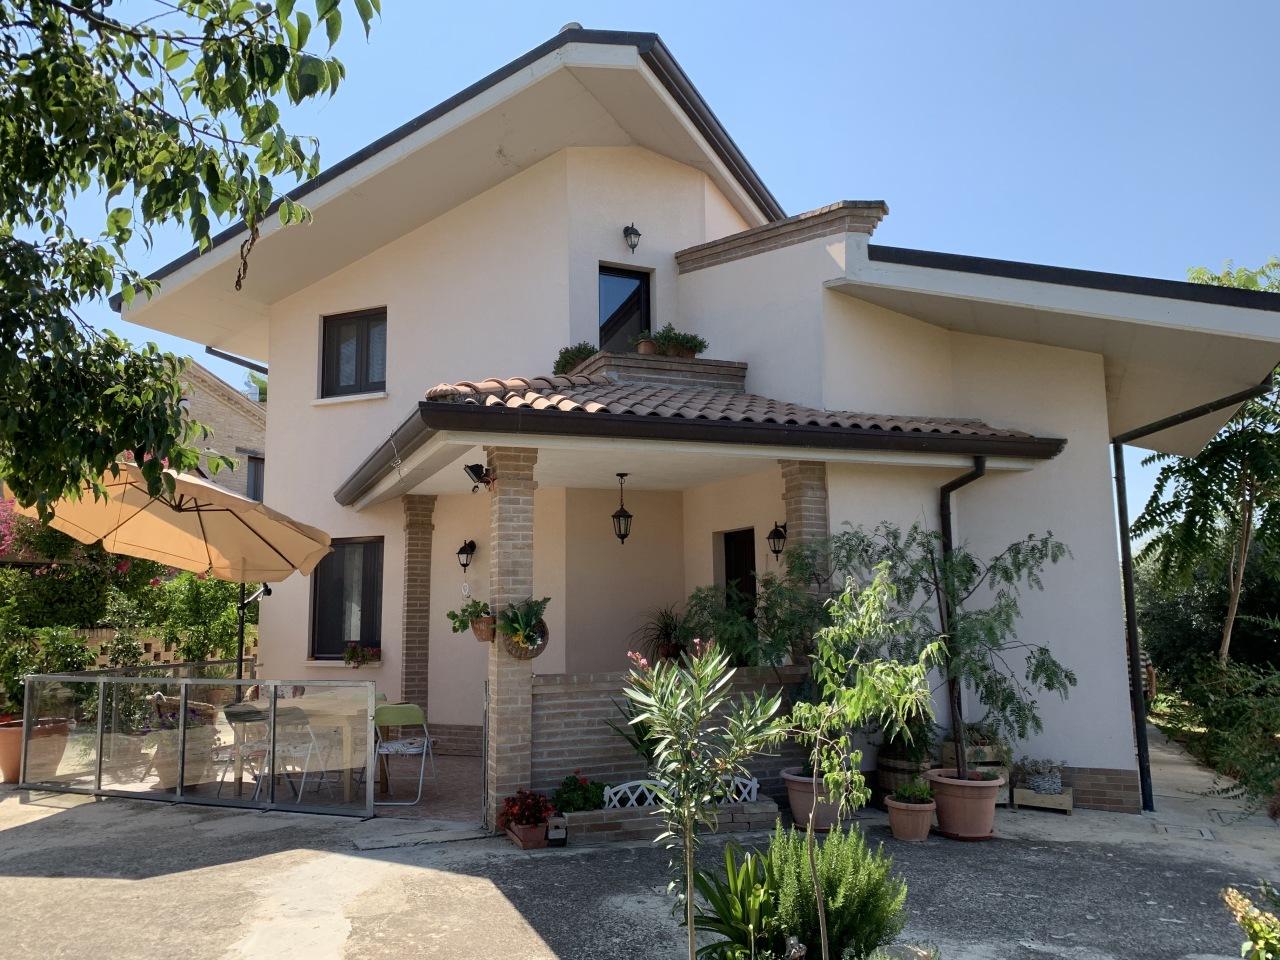 crecchio vendita quart:  italiancase immobiliare